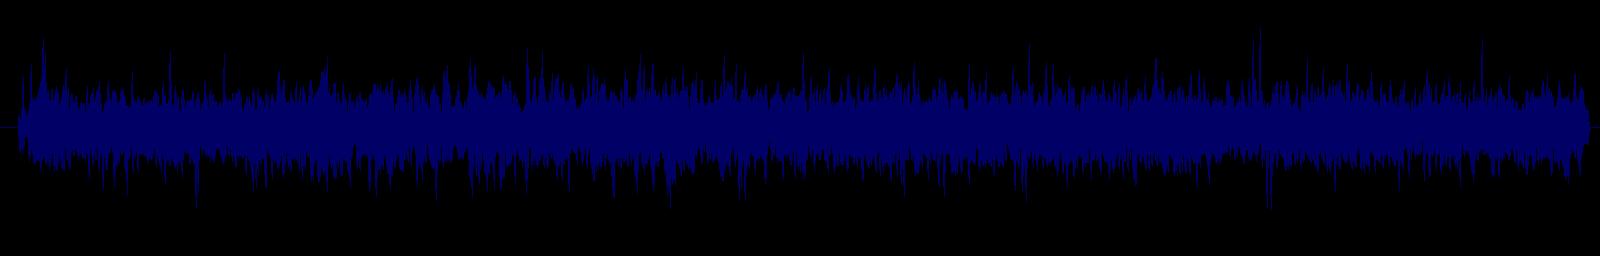 waveform of track #97476